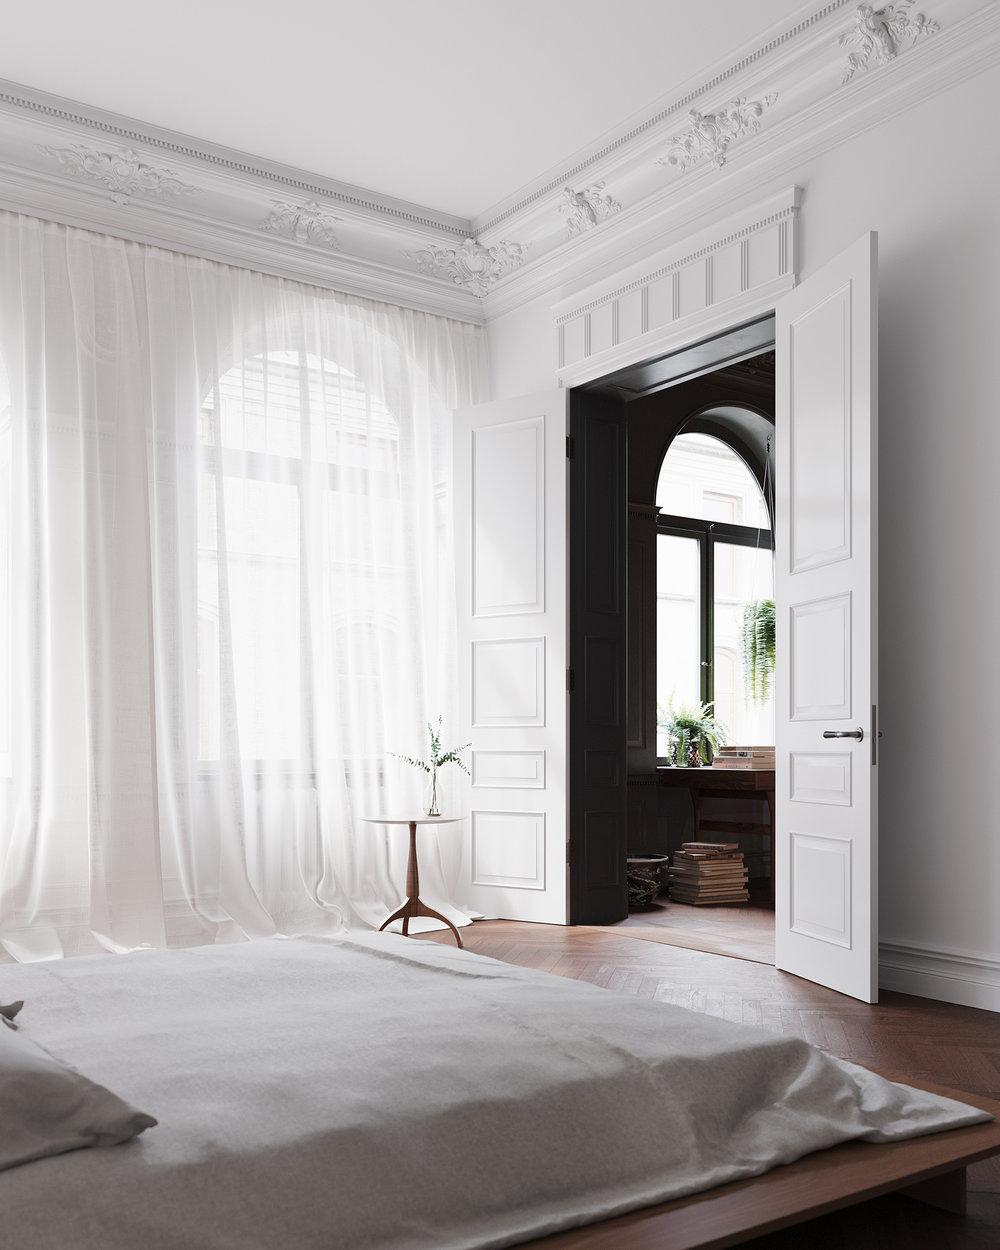 INT404 Bedroom D_2k_v01.jpg